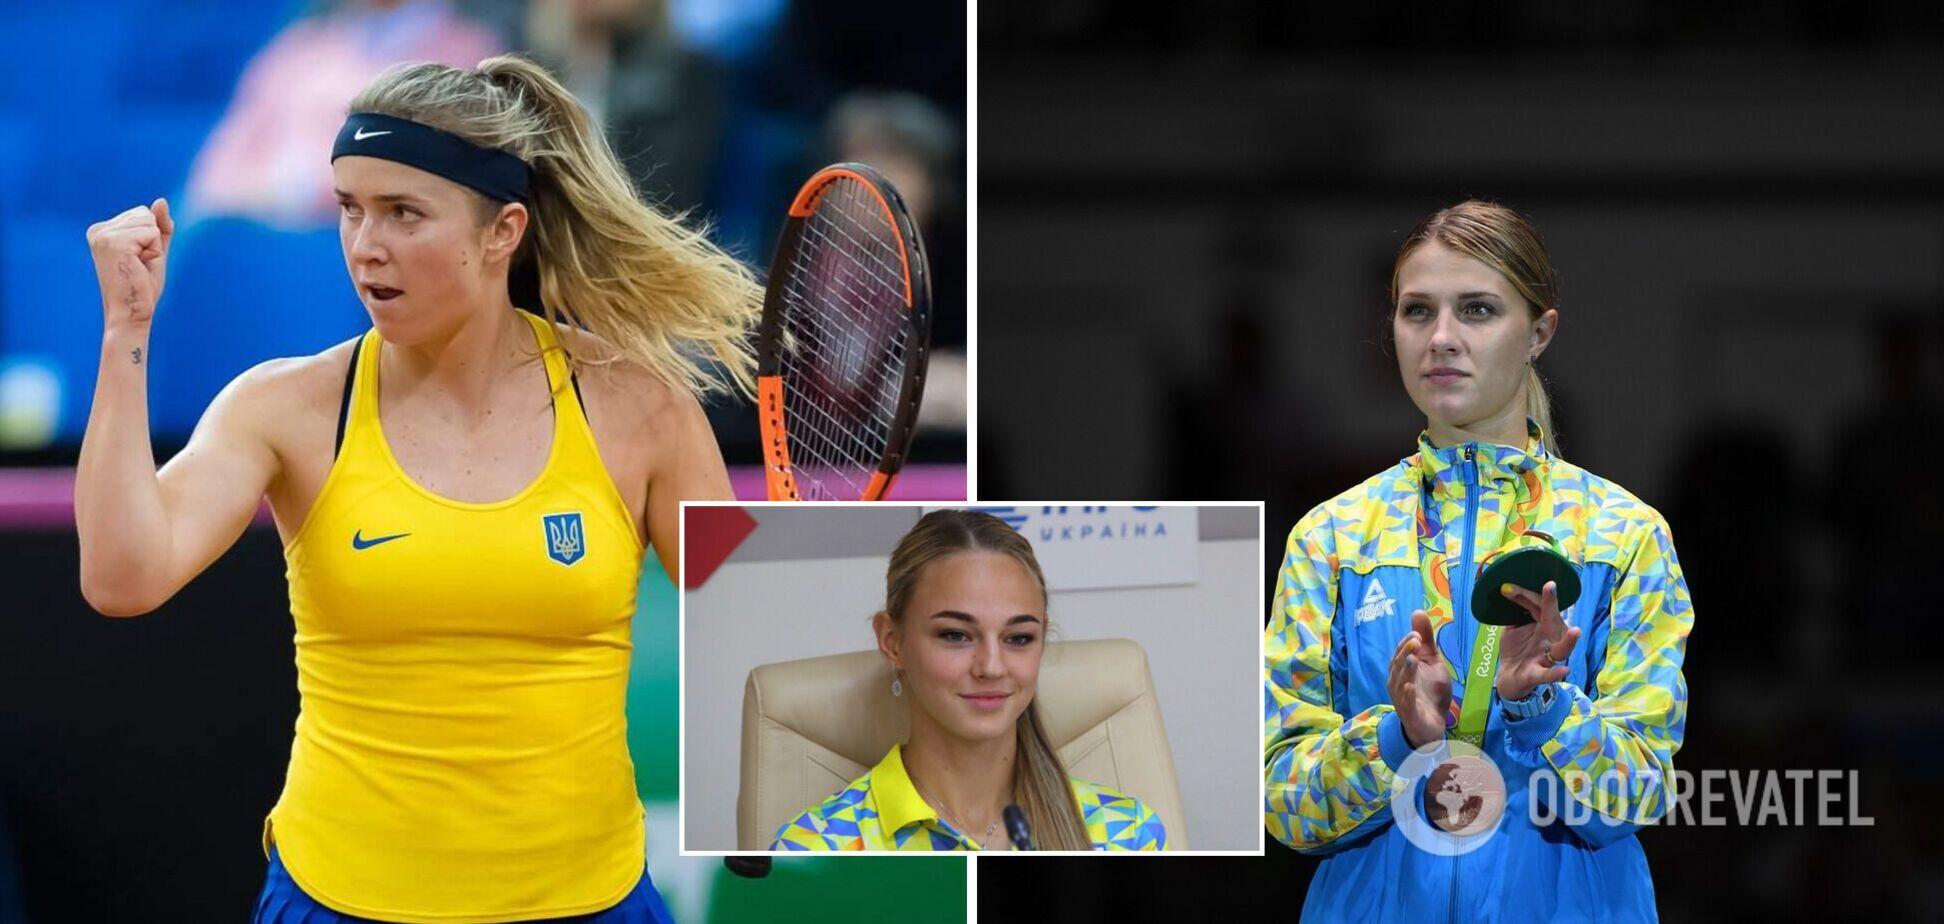 Элина Свитолина, Дарья Белодед и Ольга Харлан (слева направо) имеют неплохие шансы на медали